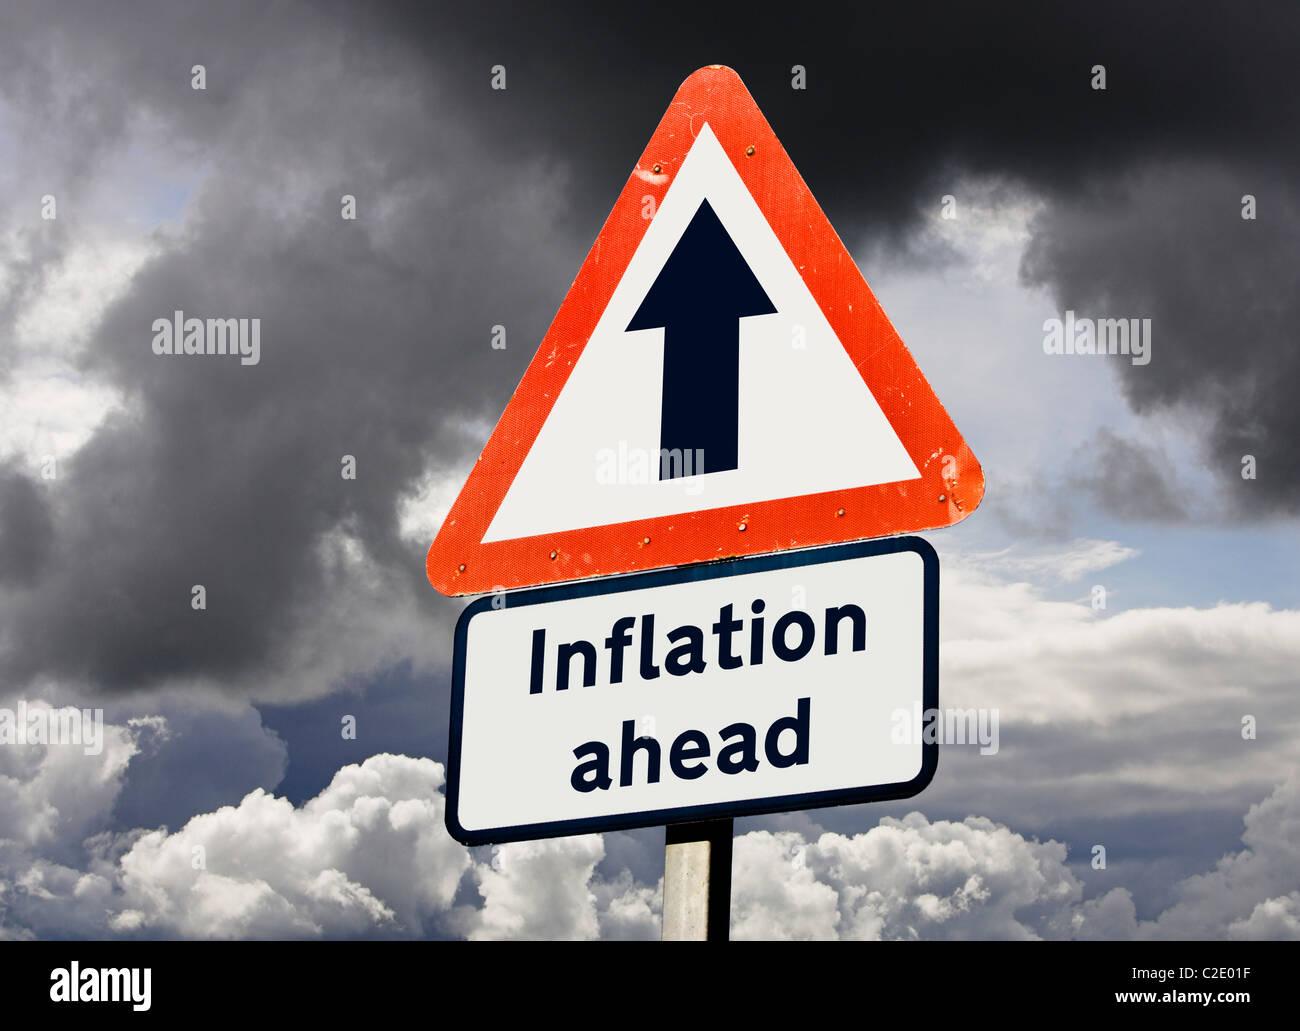 La inflación suba delante - concepto signo financiero británico Imagen De Stock